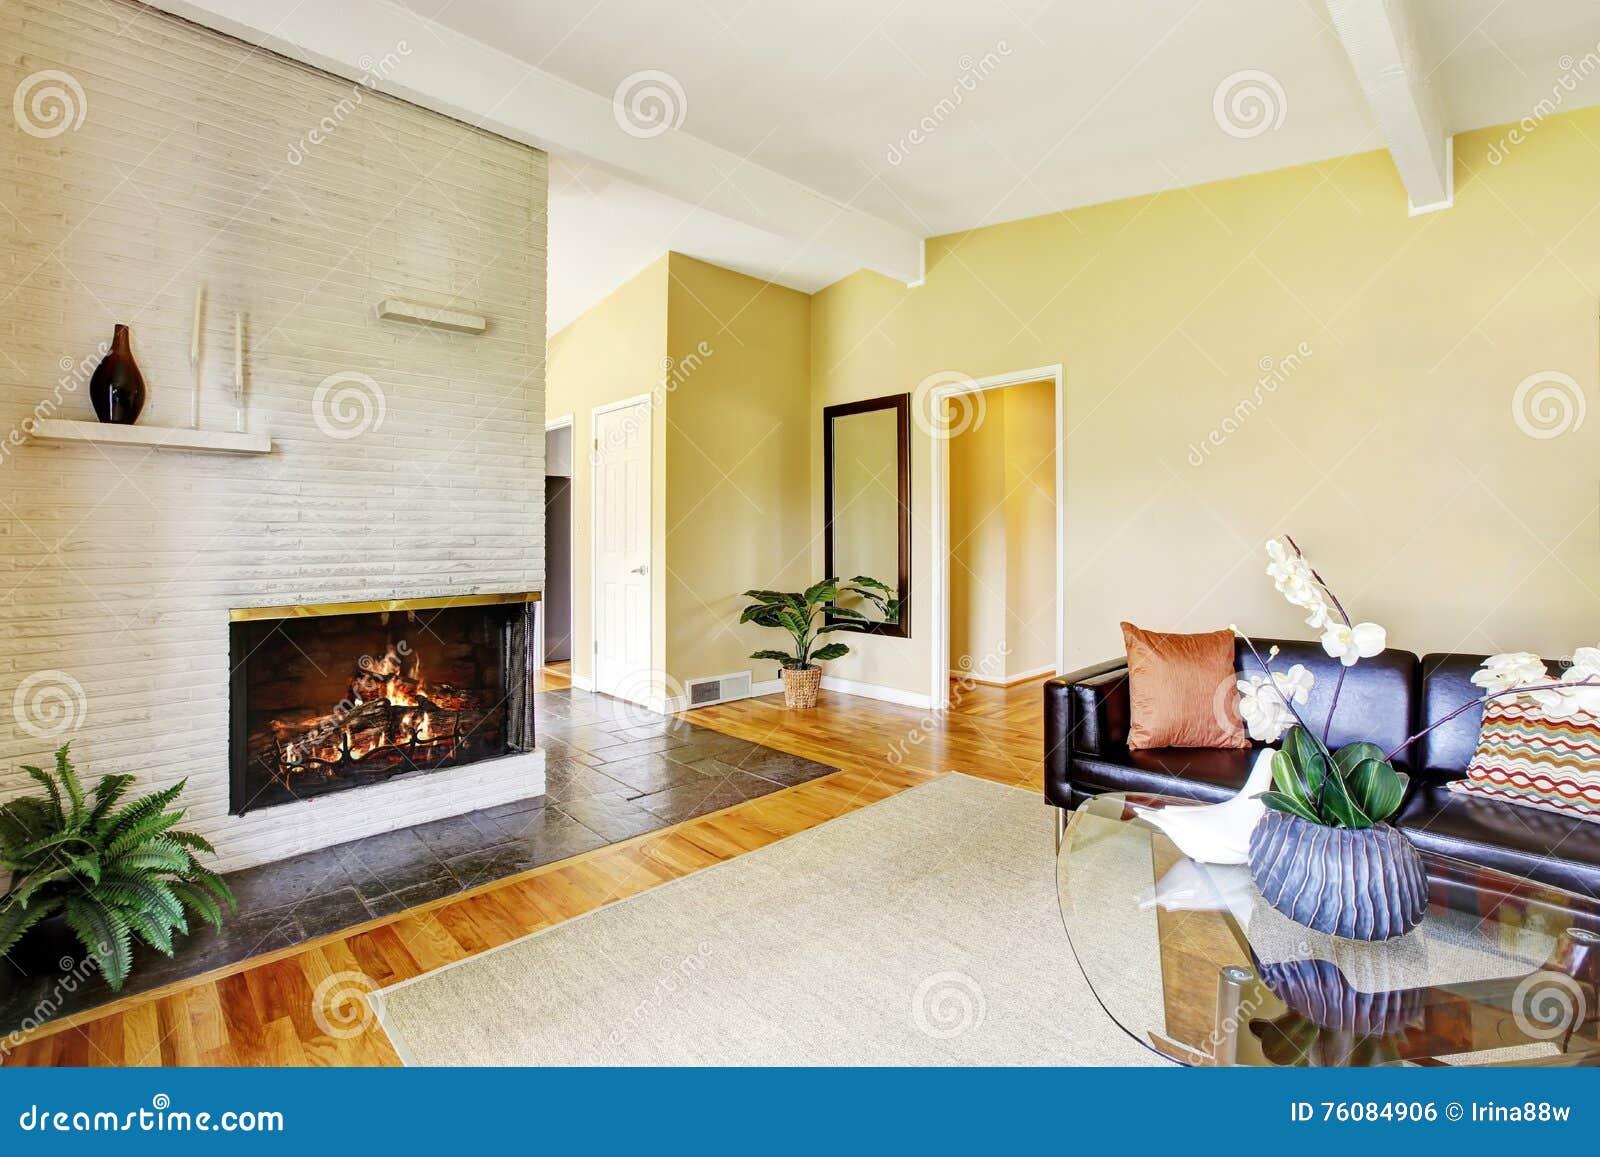 Modernes Wohnzimmer Mit Kamin- Und Glascouchtisch Stockfoto - Bild ...